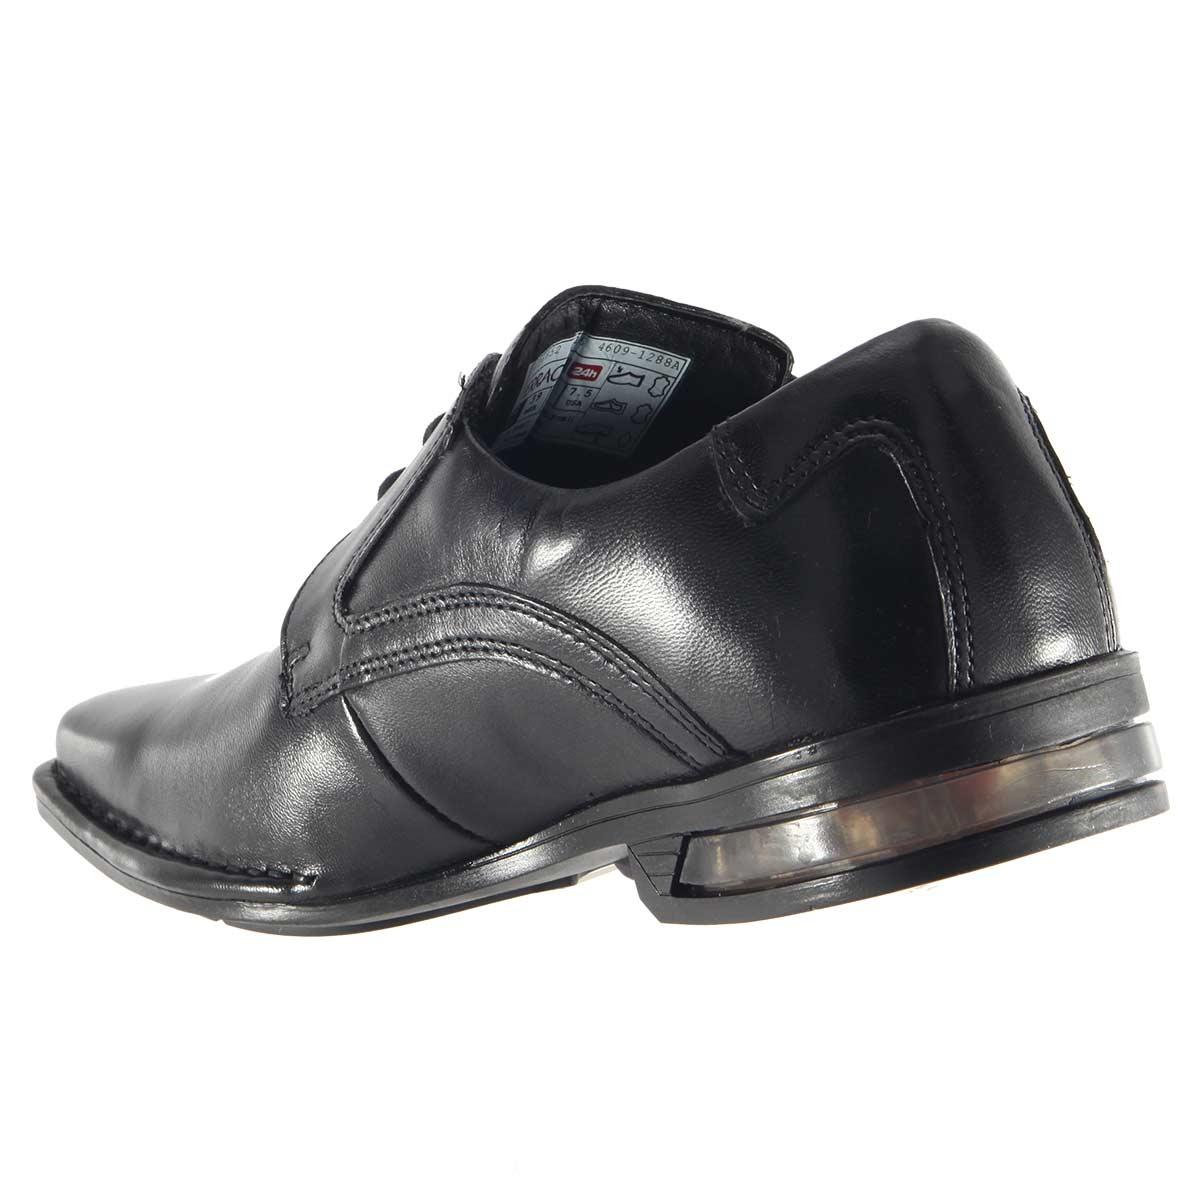 Sapato Ferracini Florença Cadarço Couro Amortecedor 4609-1288  - Ian Calçados